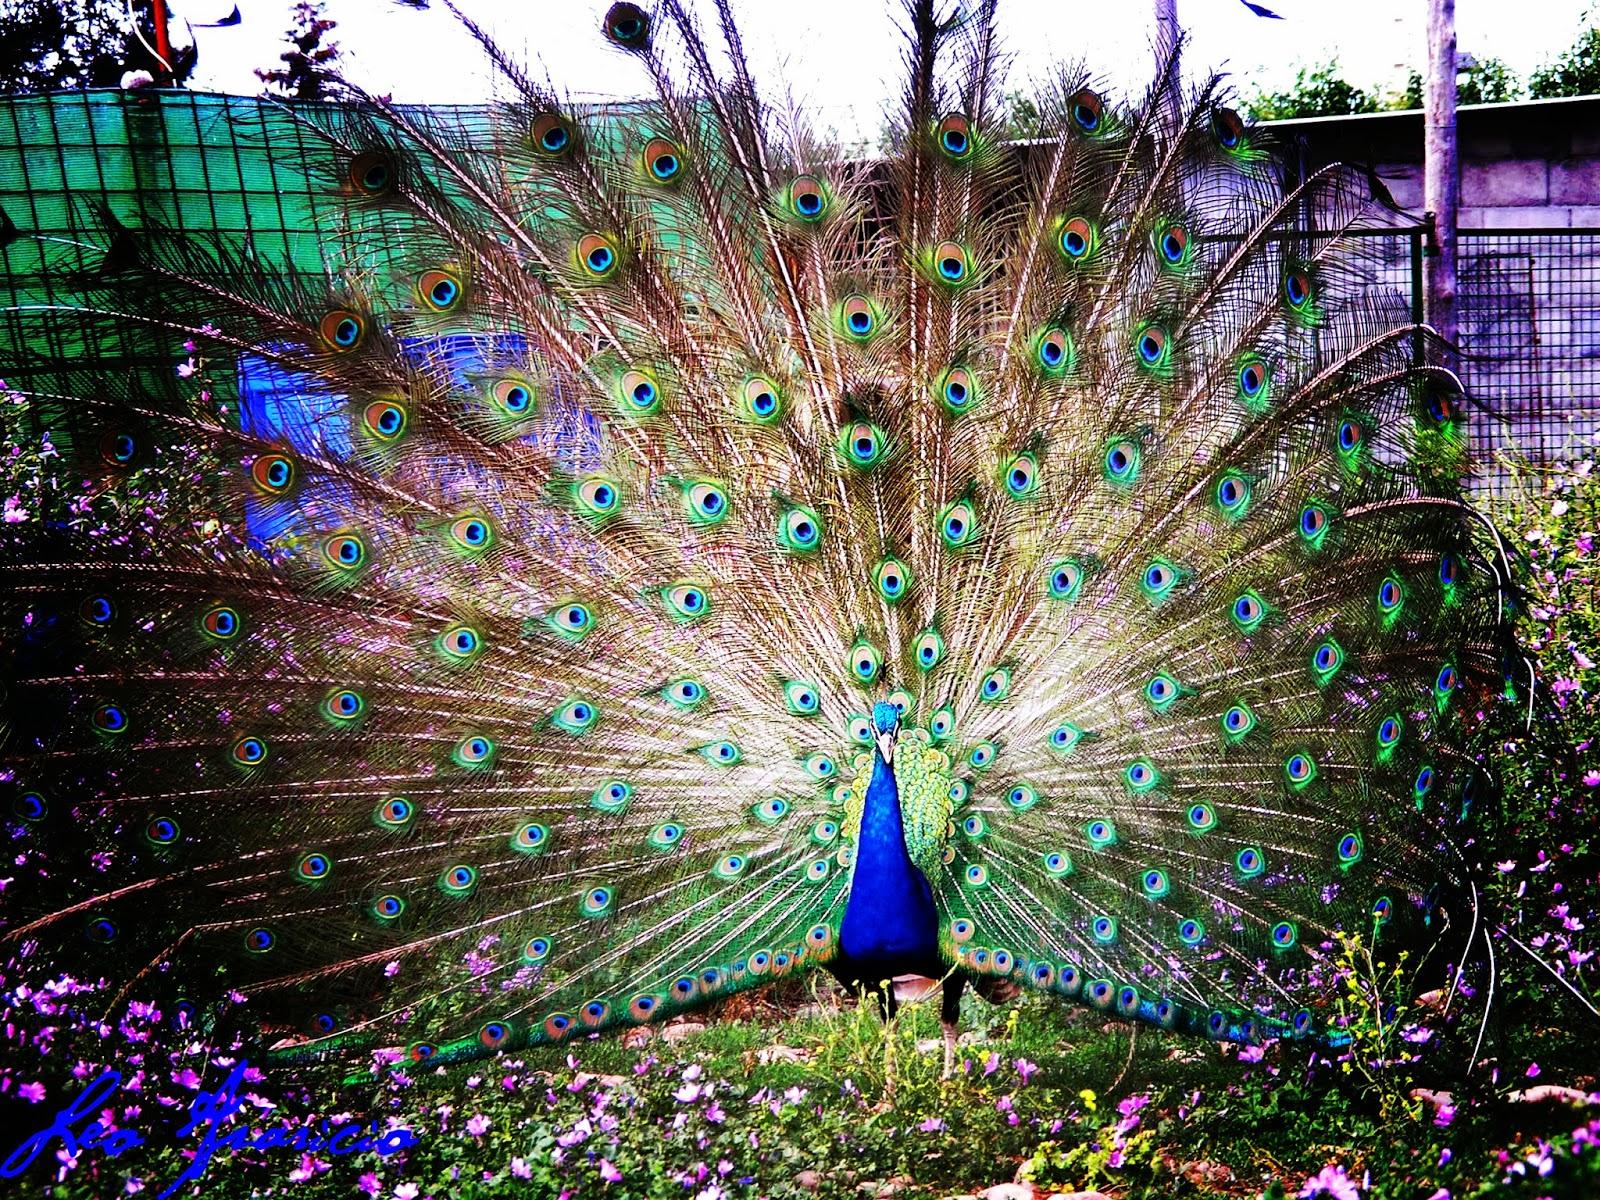 Fotos de naturaleza animales paisajes animadas y - Fotos de un pavo real ...